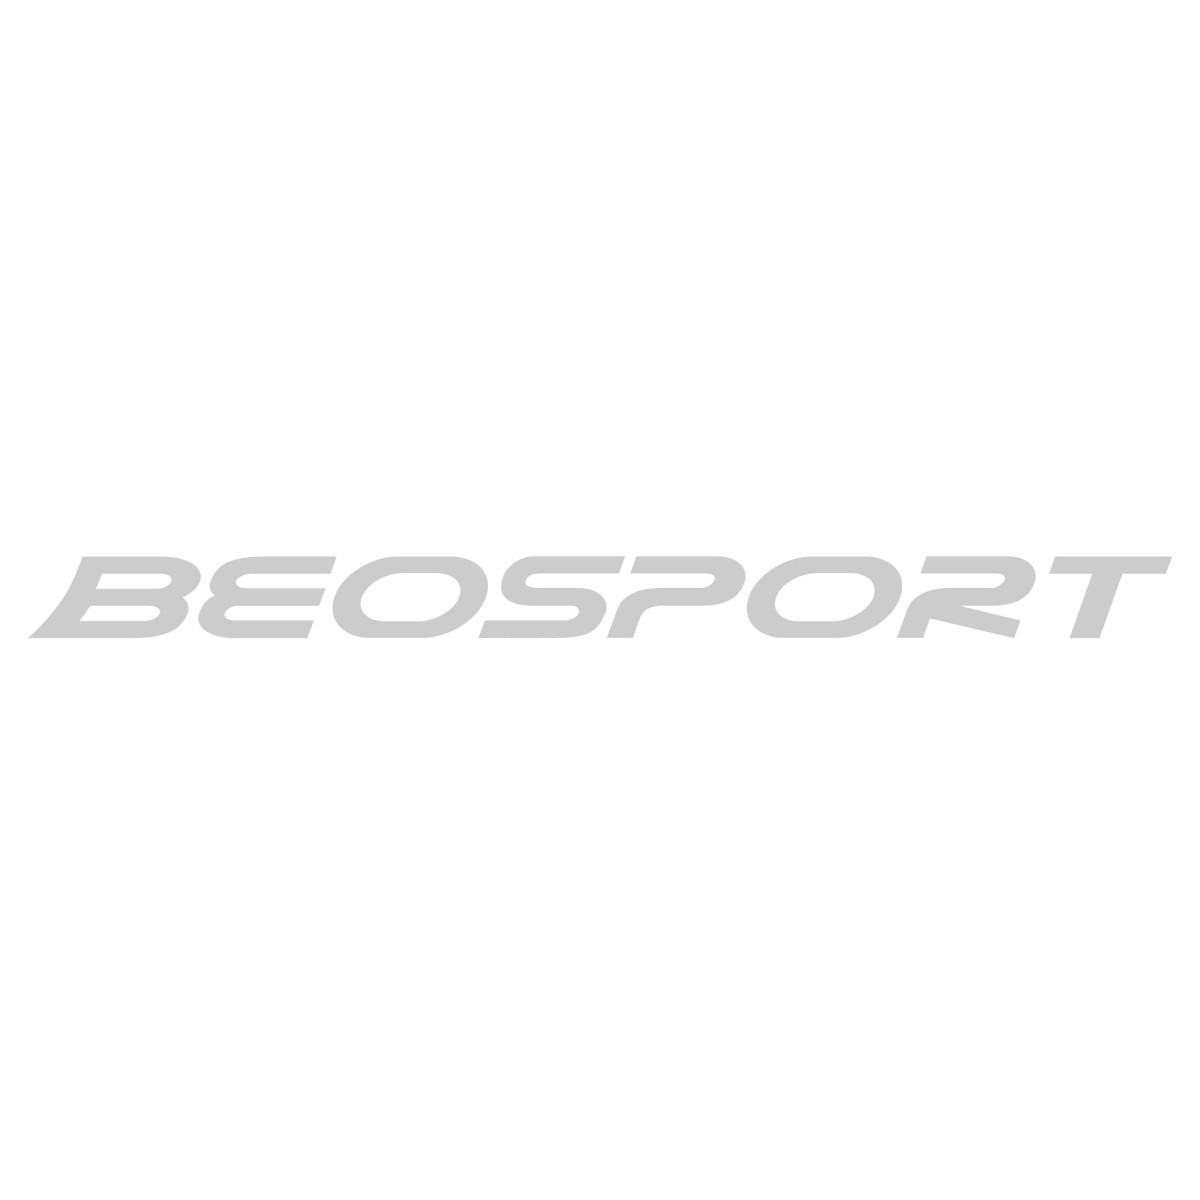 Wilson Lux-Adrenaline 1.25mm/200m žica za teniske rekete